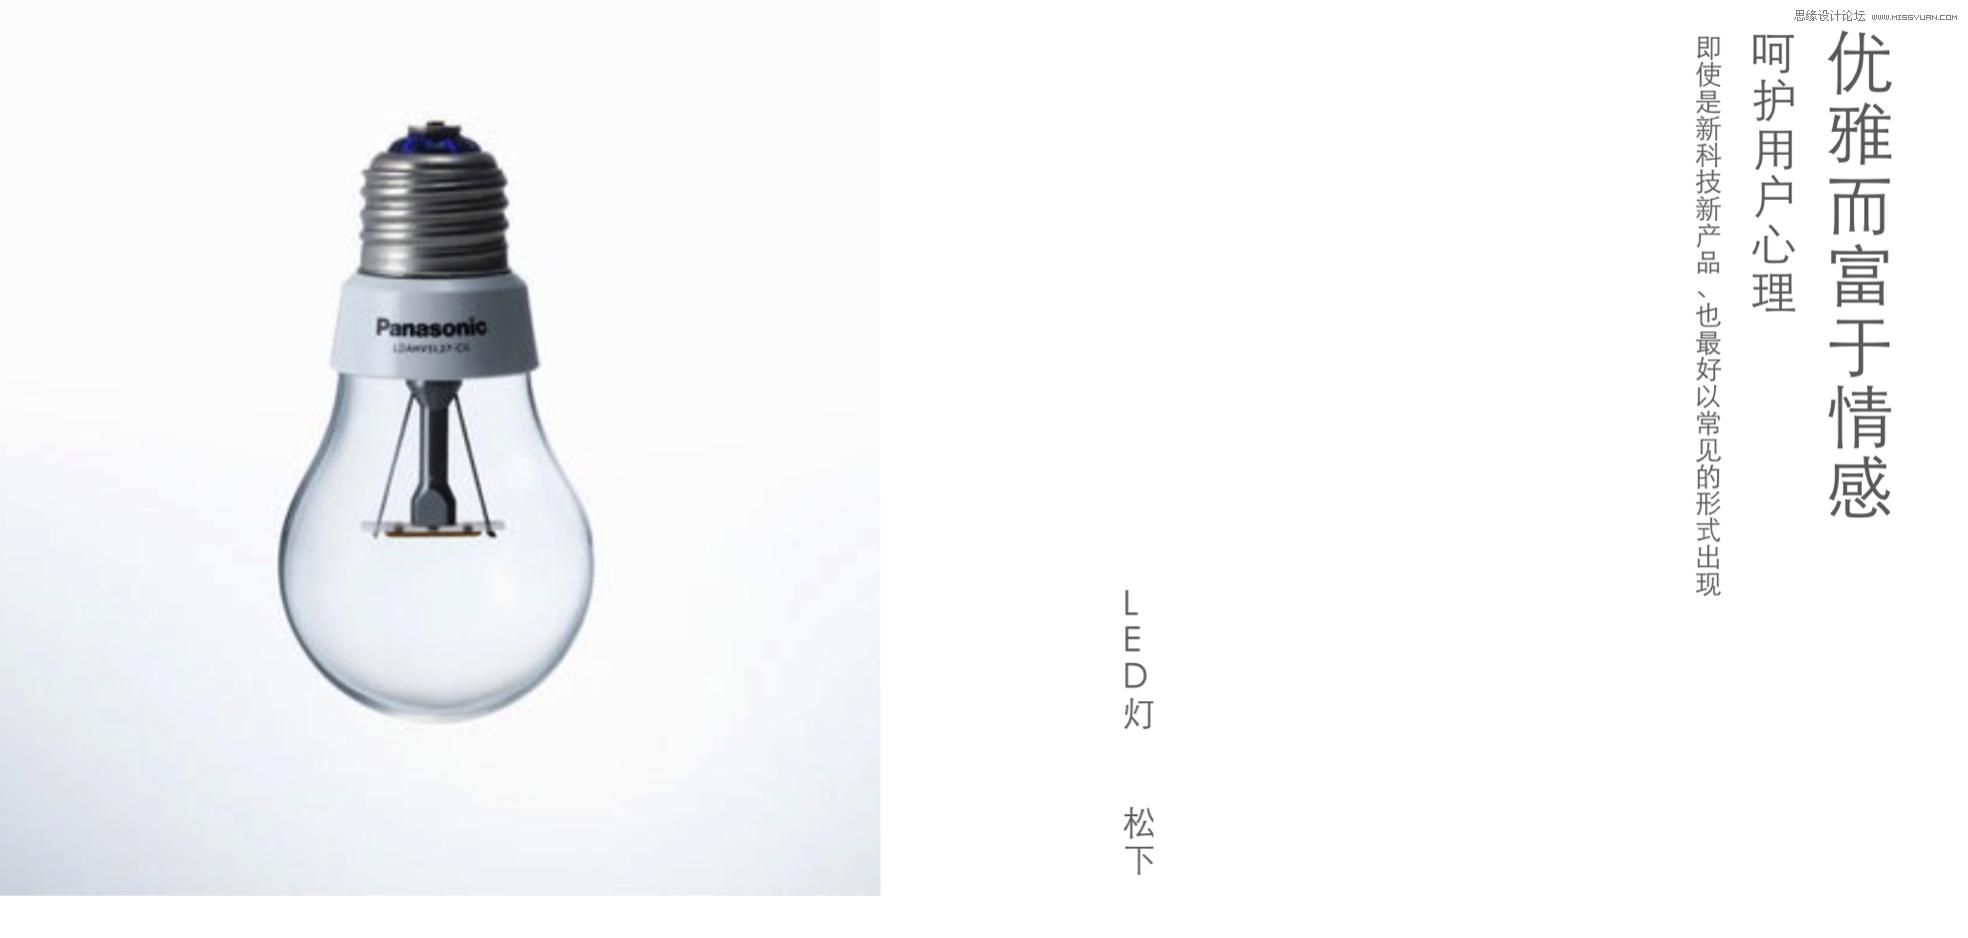 詳細解析設計中簡樸風格的起源和未來